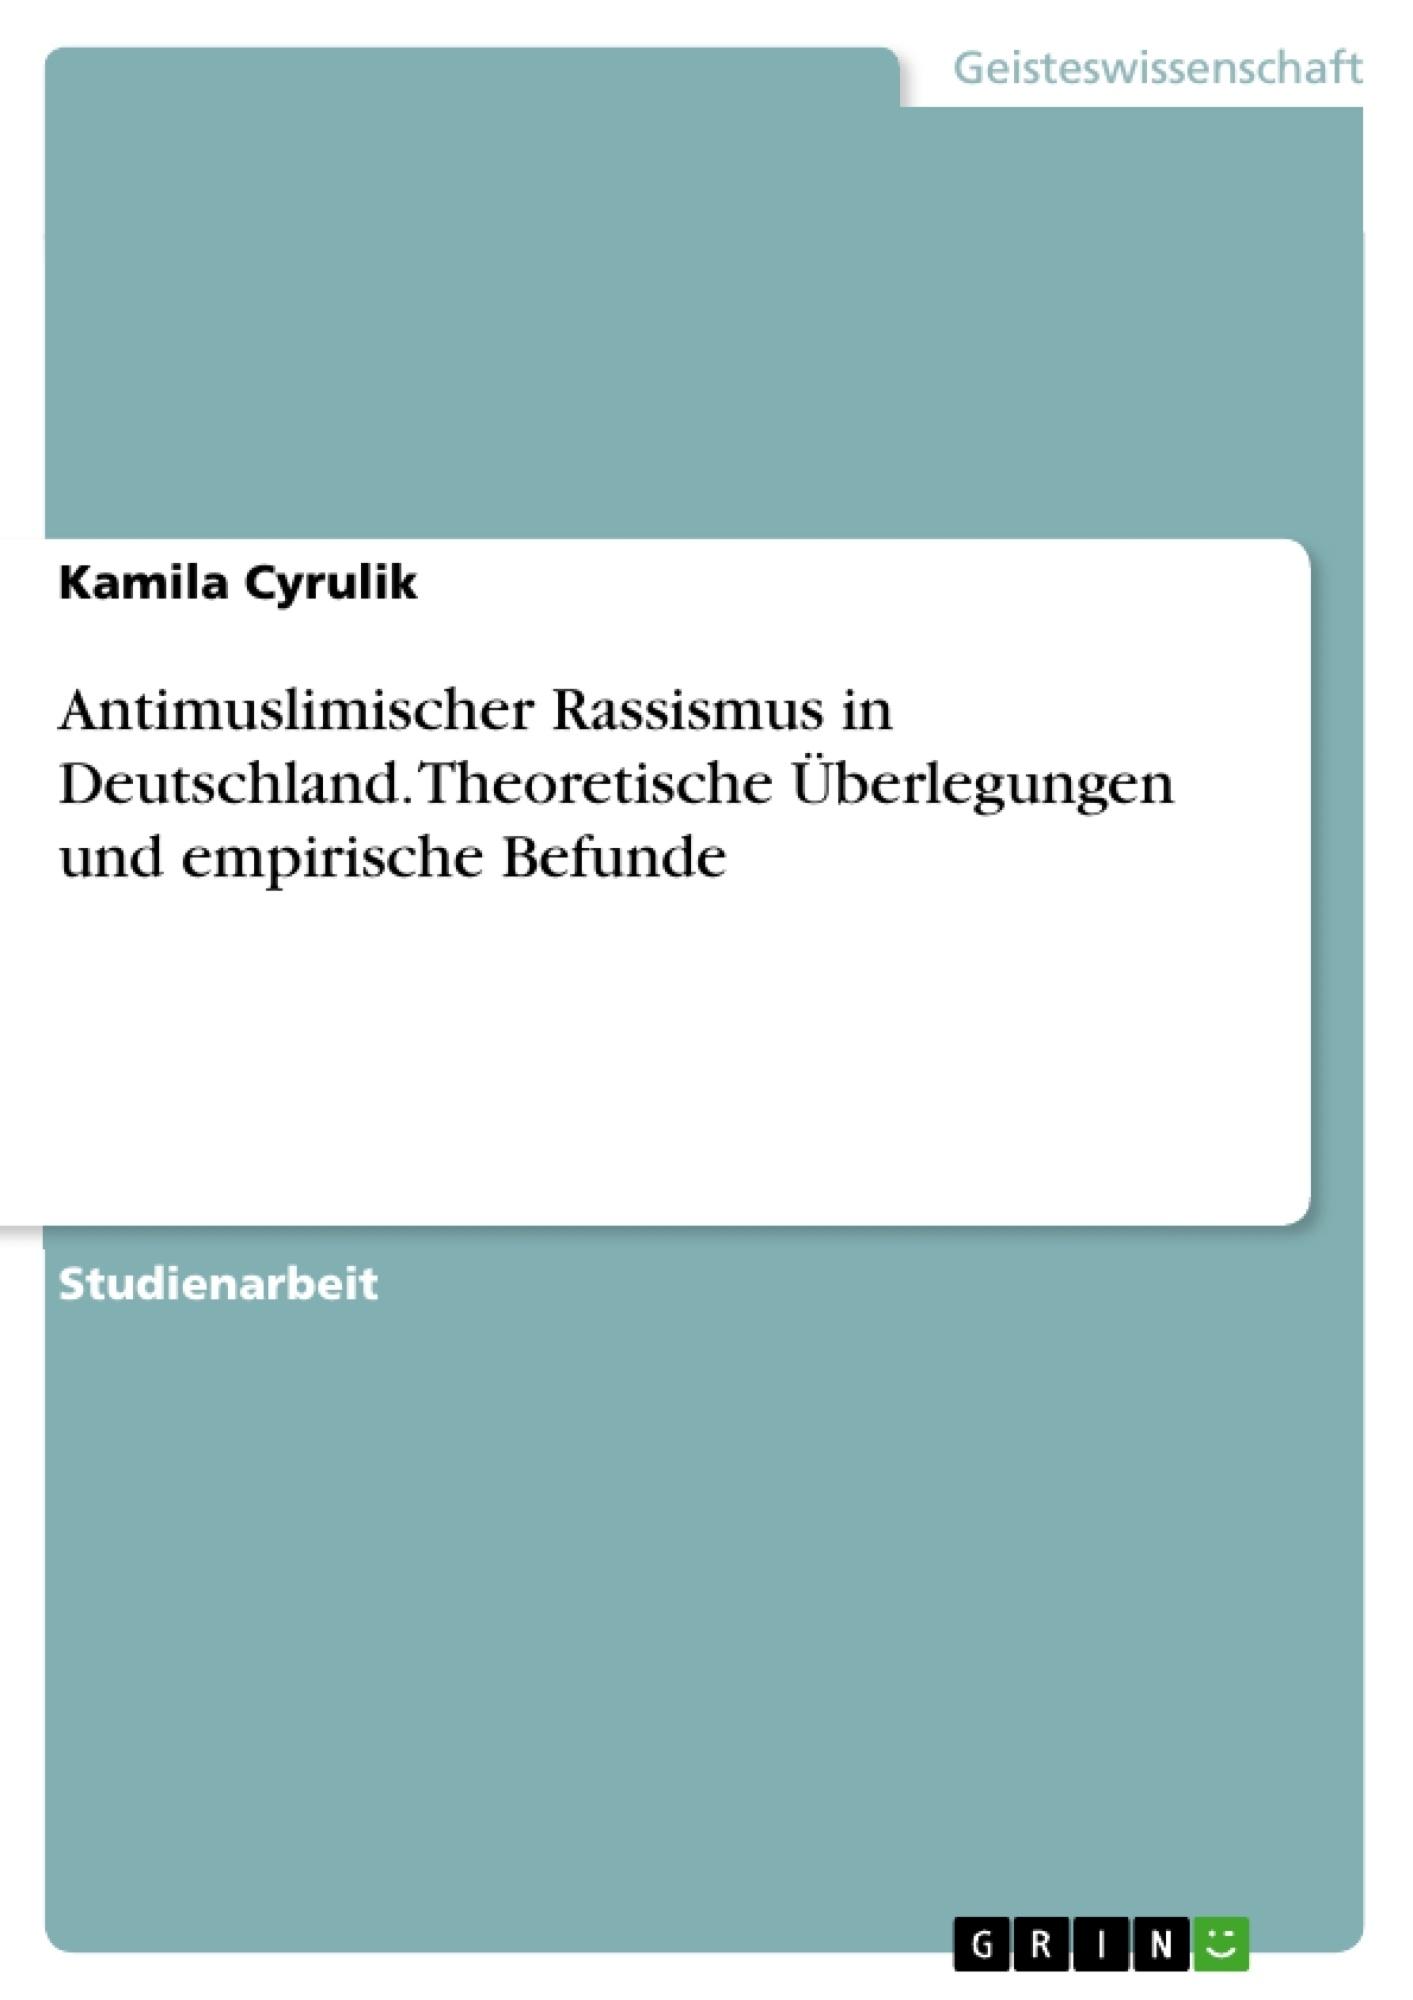 Titel: Antimuslimischer Rassismus in Deutschland. Theoretische Überlegungen und empirische Befunde